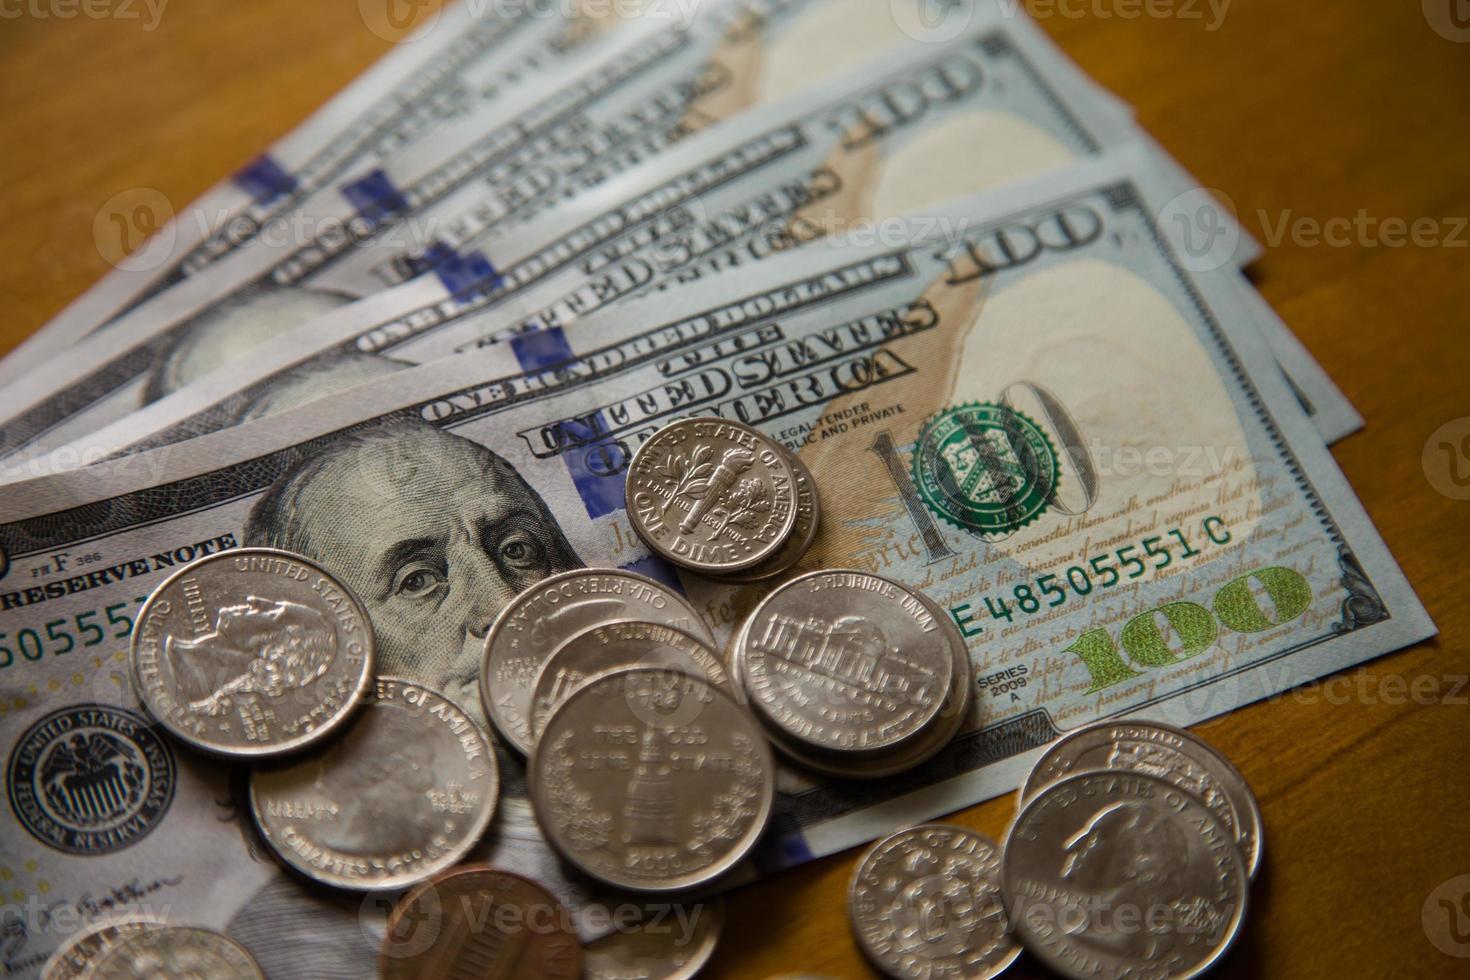 Münzen und Banknoten von Dollar. foto